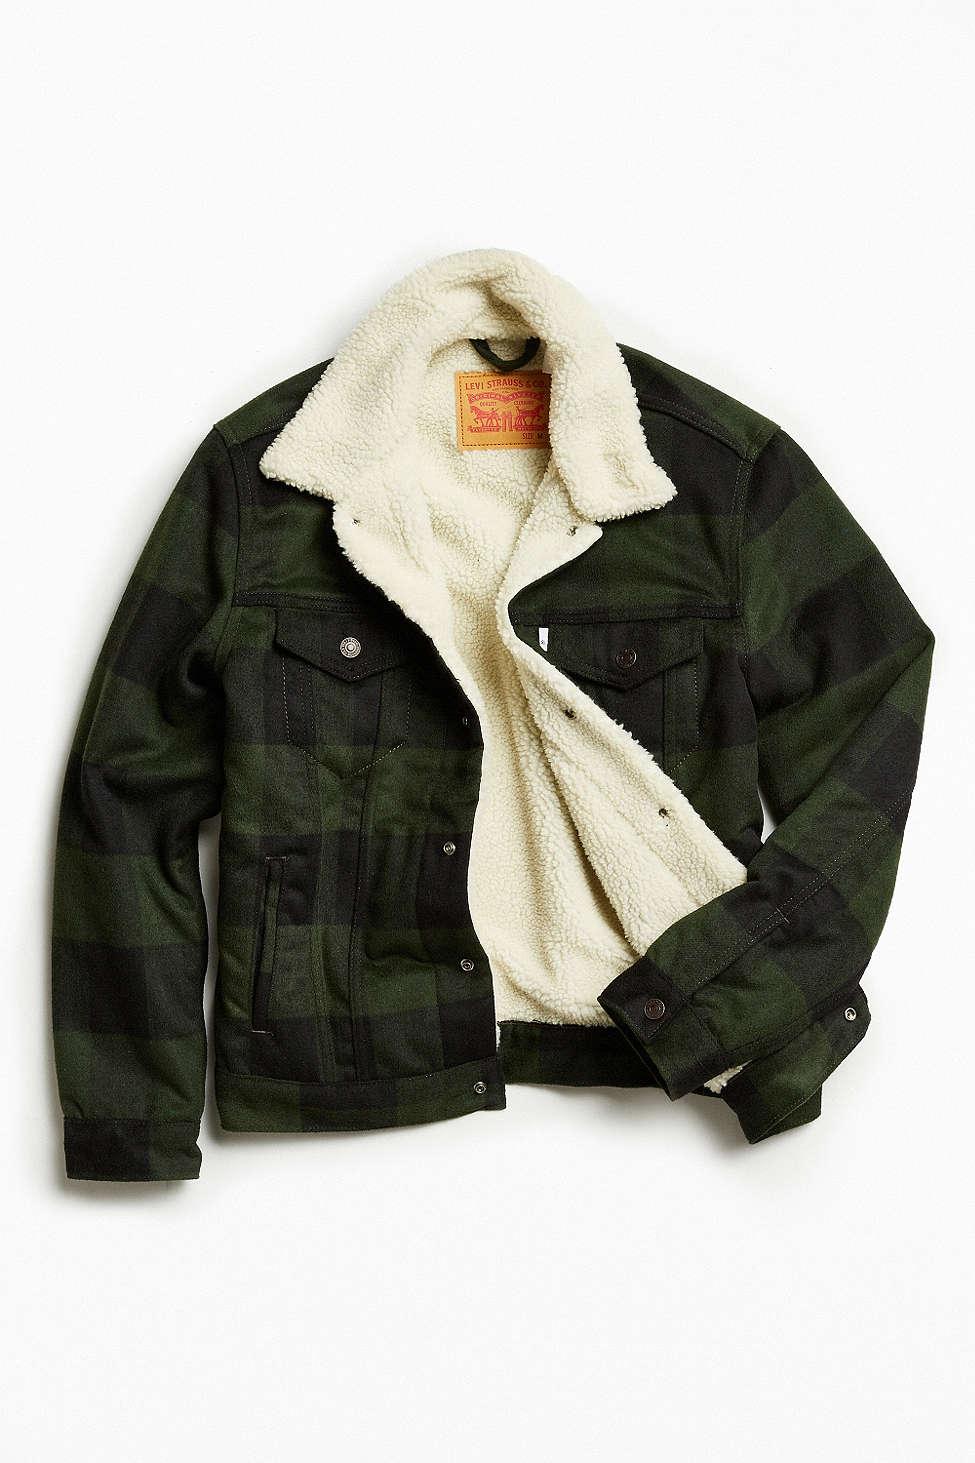 Levi's Buffalo Plaid Flannel Sherpa Jacket $129